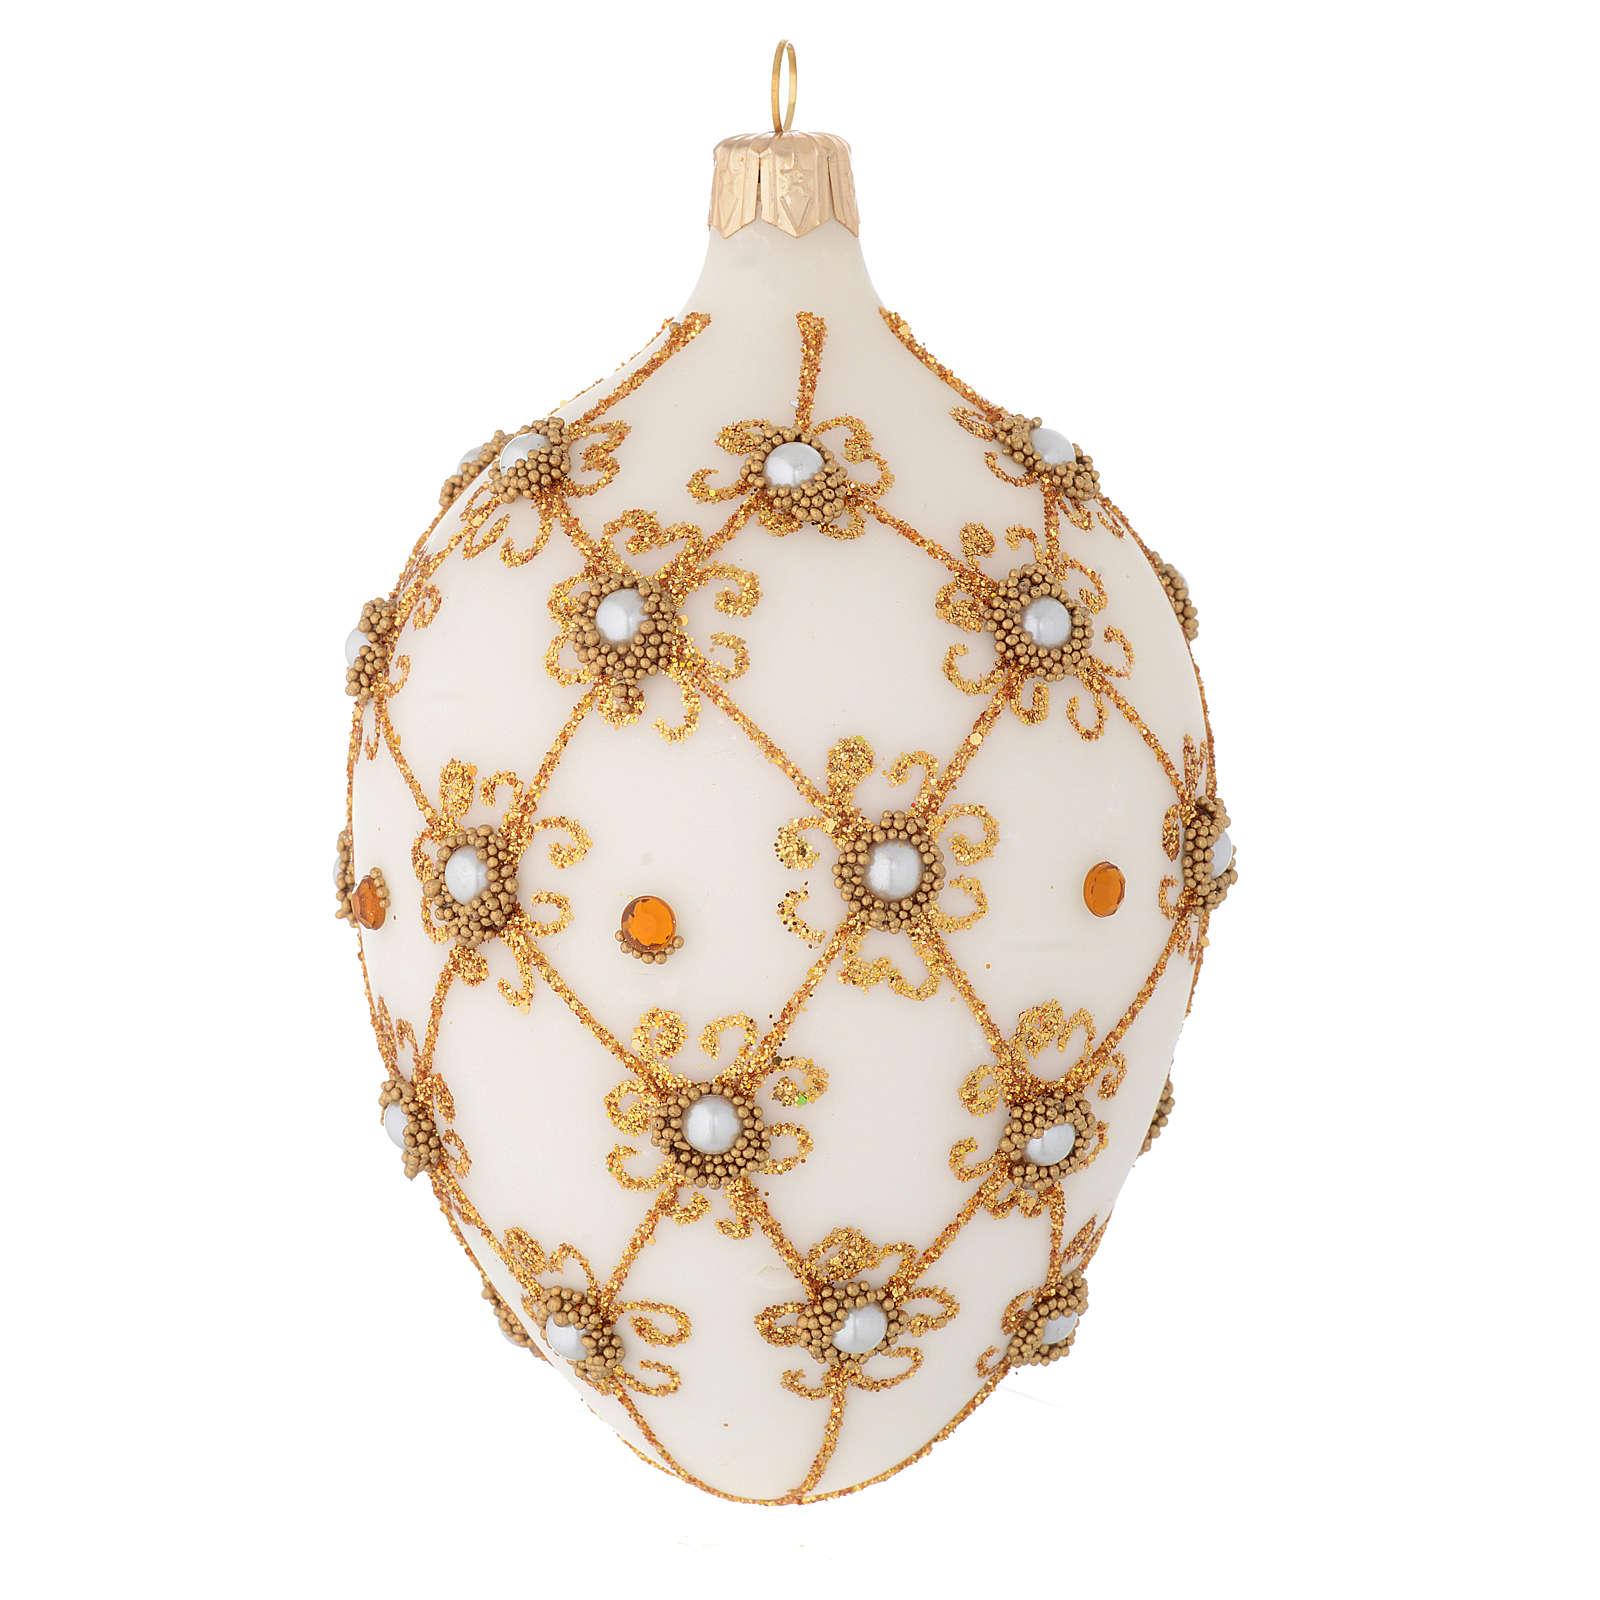 Pallina ovale vetro soffiato avorio e oro 130 mm 4